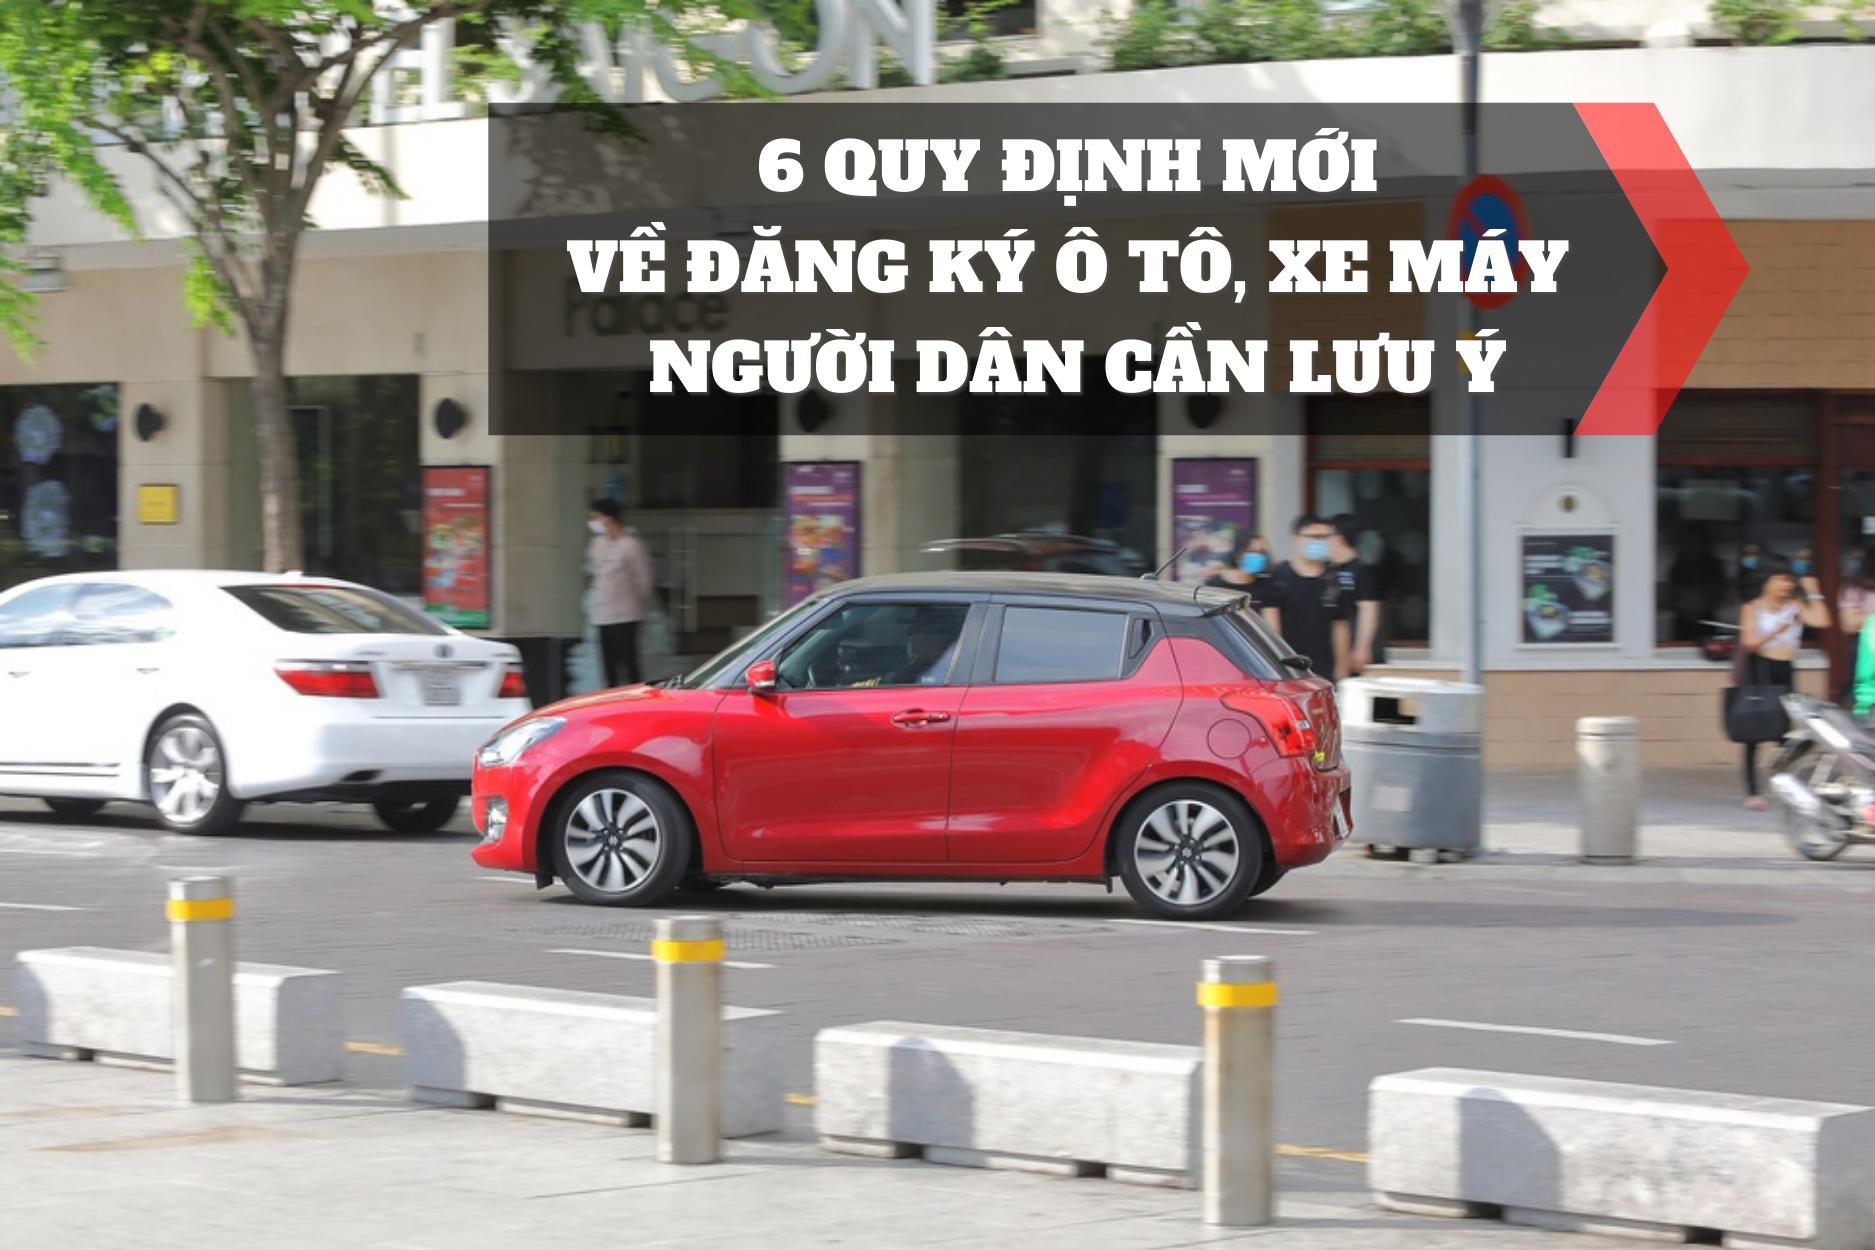 6 quy định mới đăng ký xe ô tô